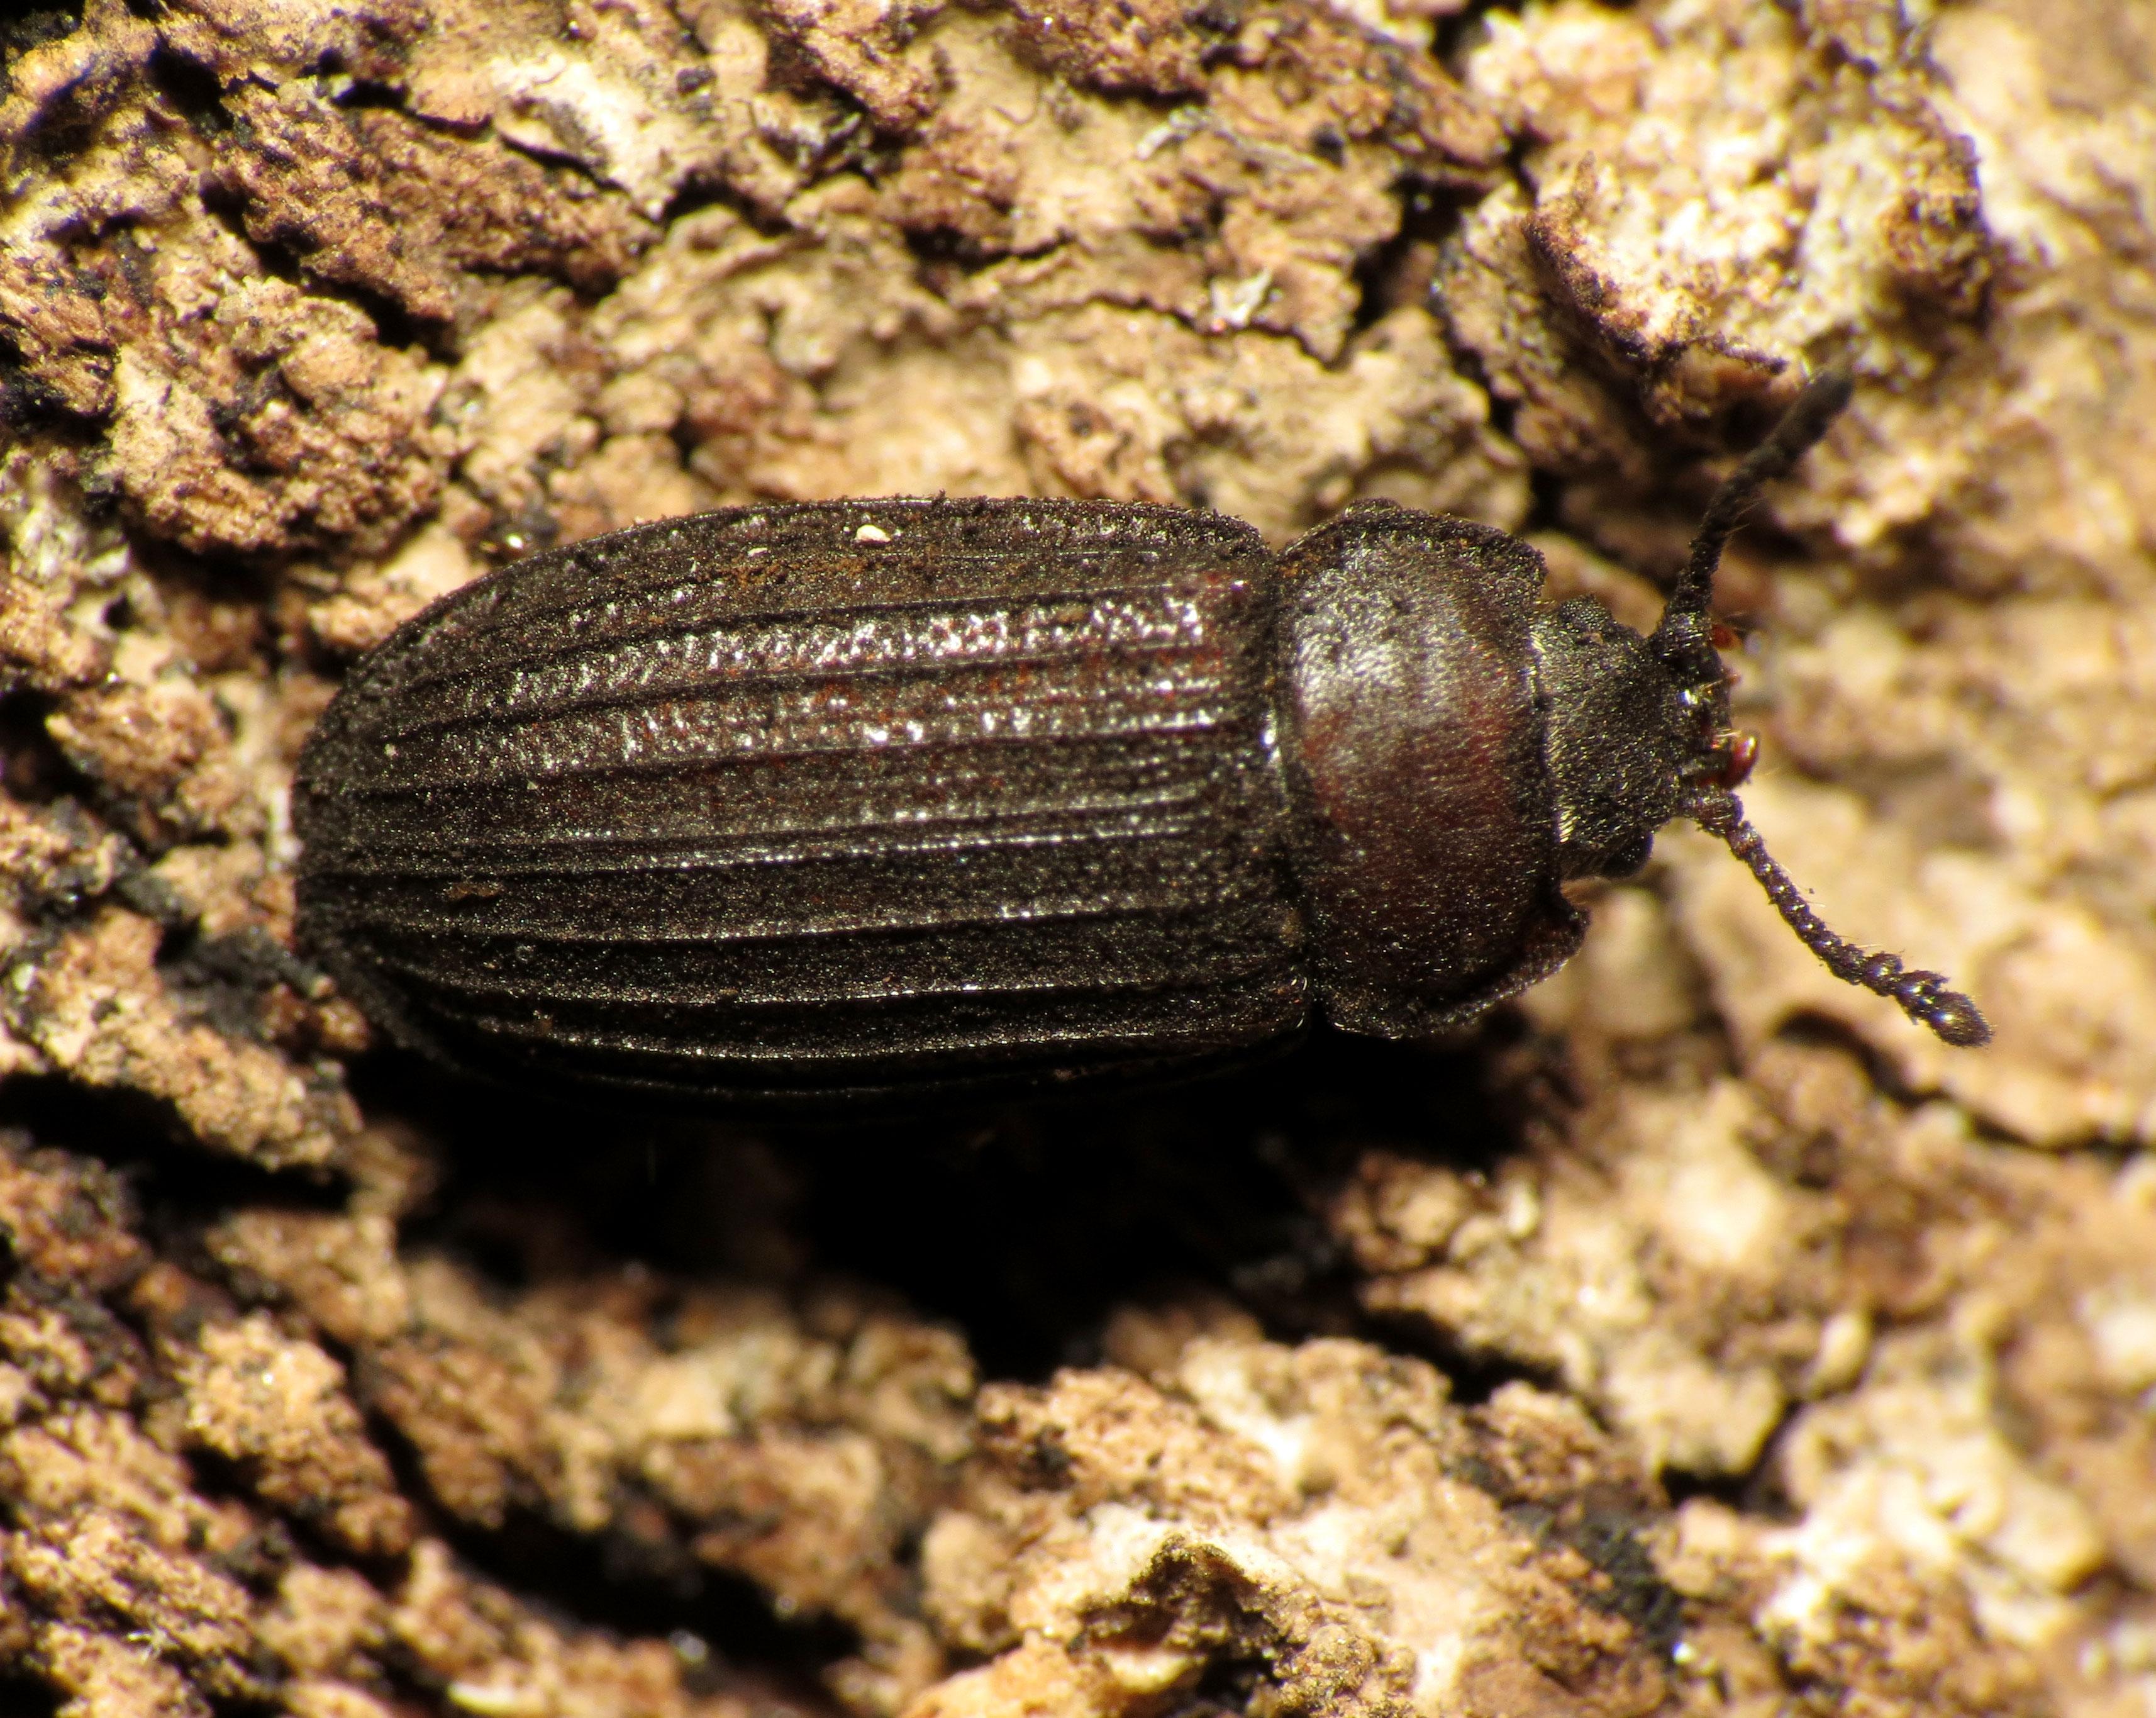 Bark gnawing beetle